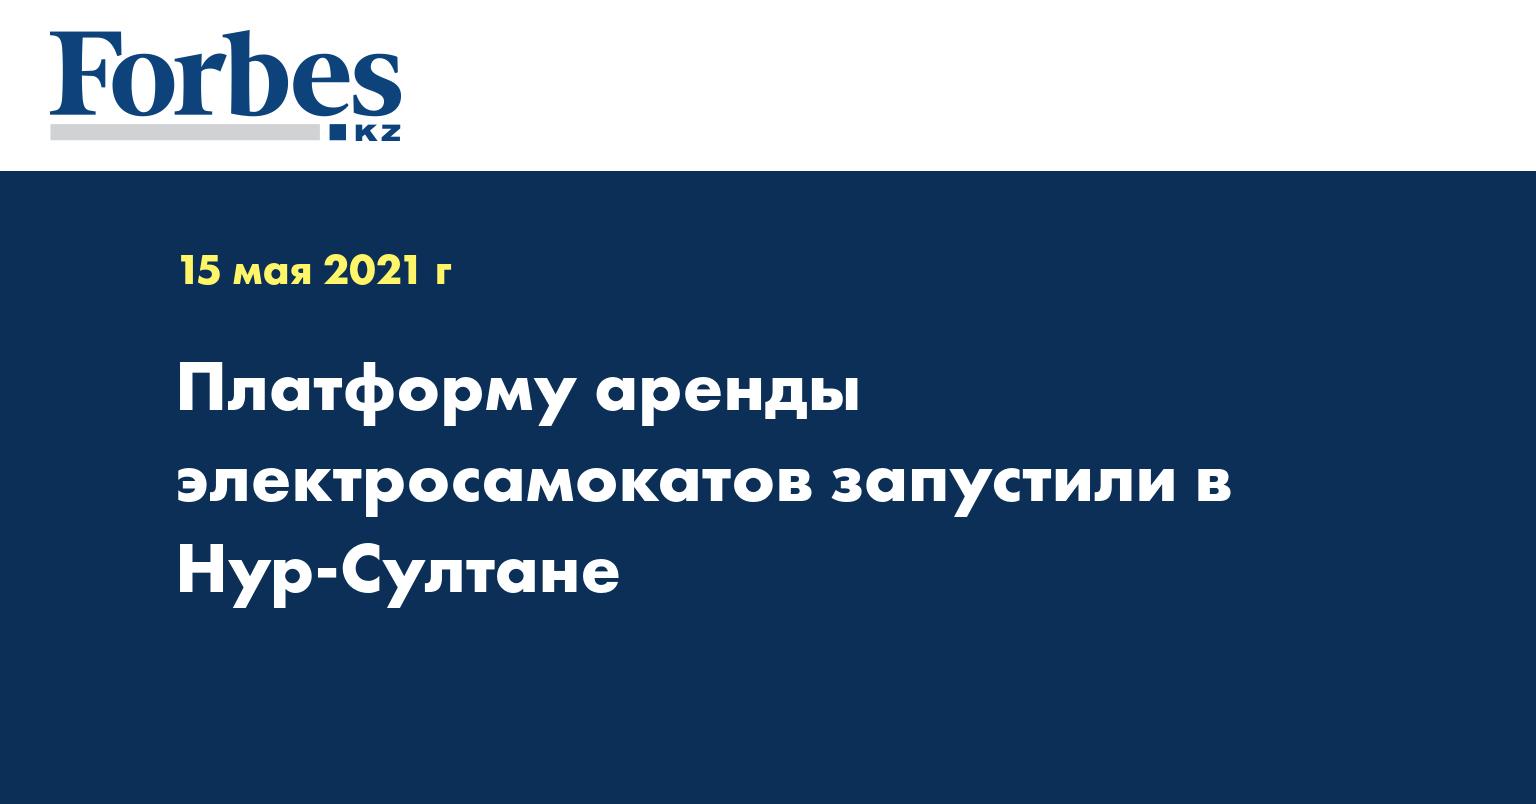 Платформу аренды электросамокатов запустили в Нур-Султане